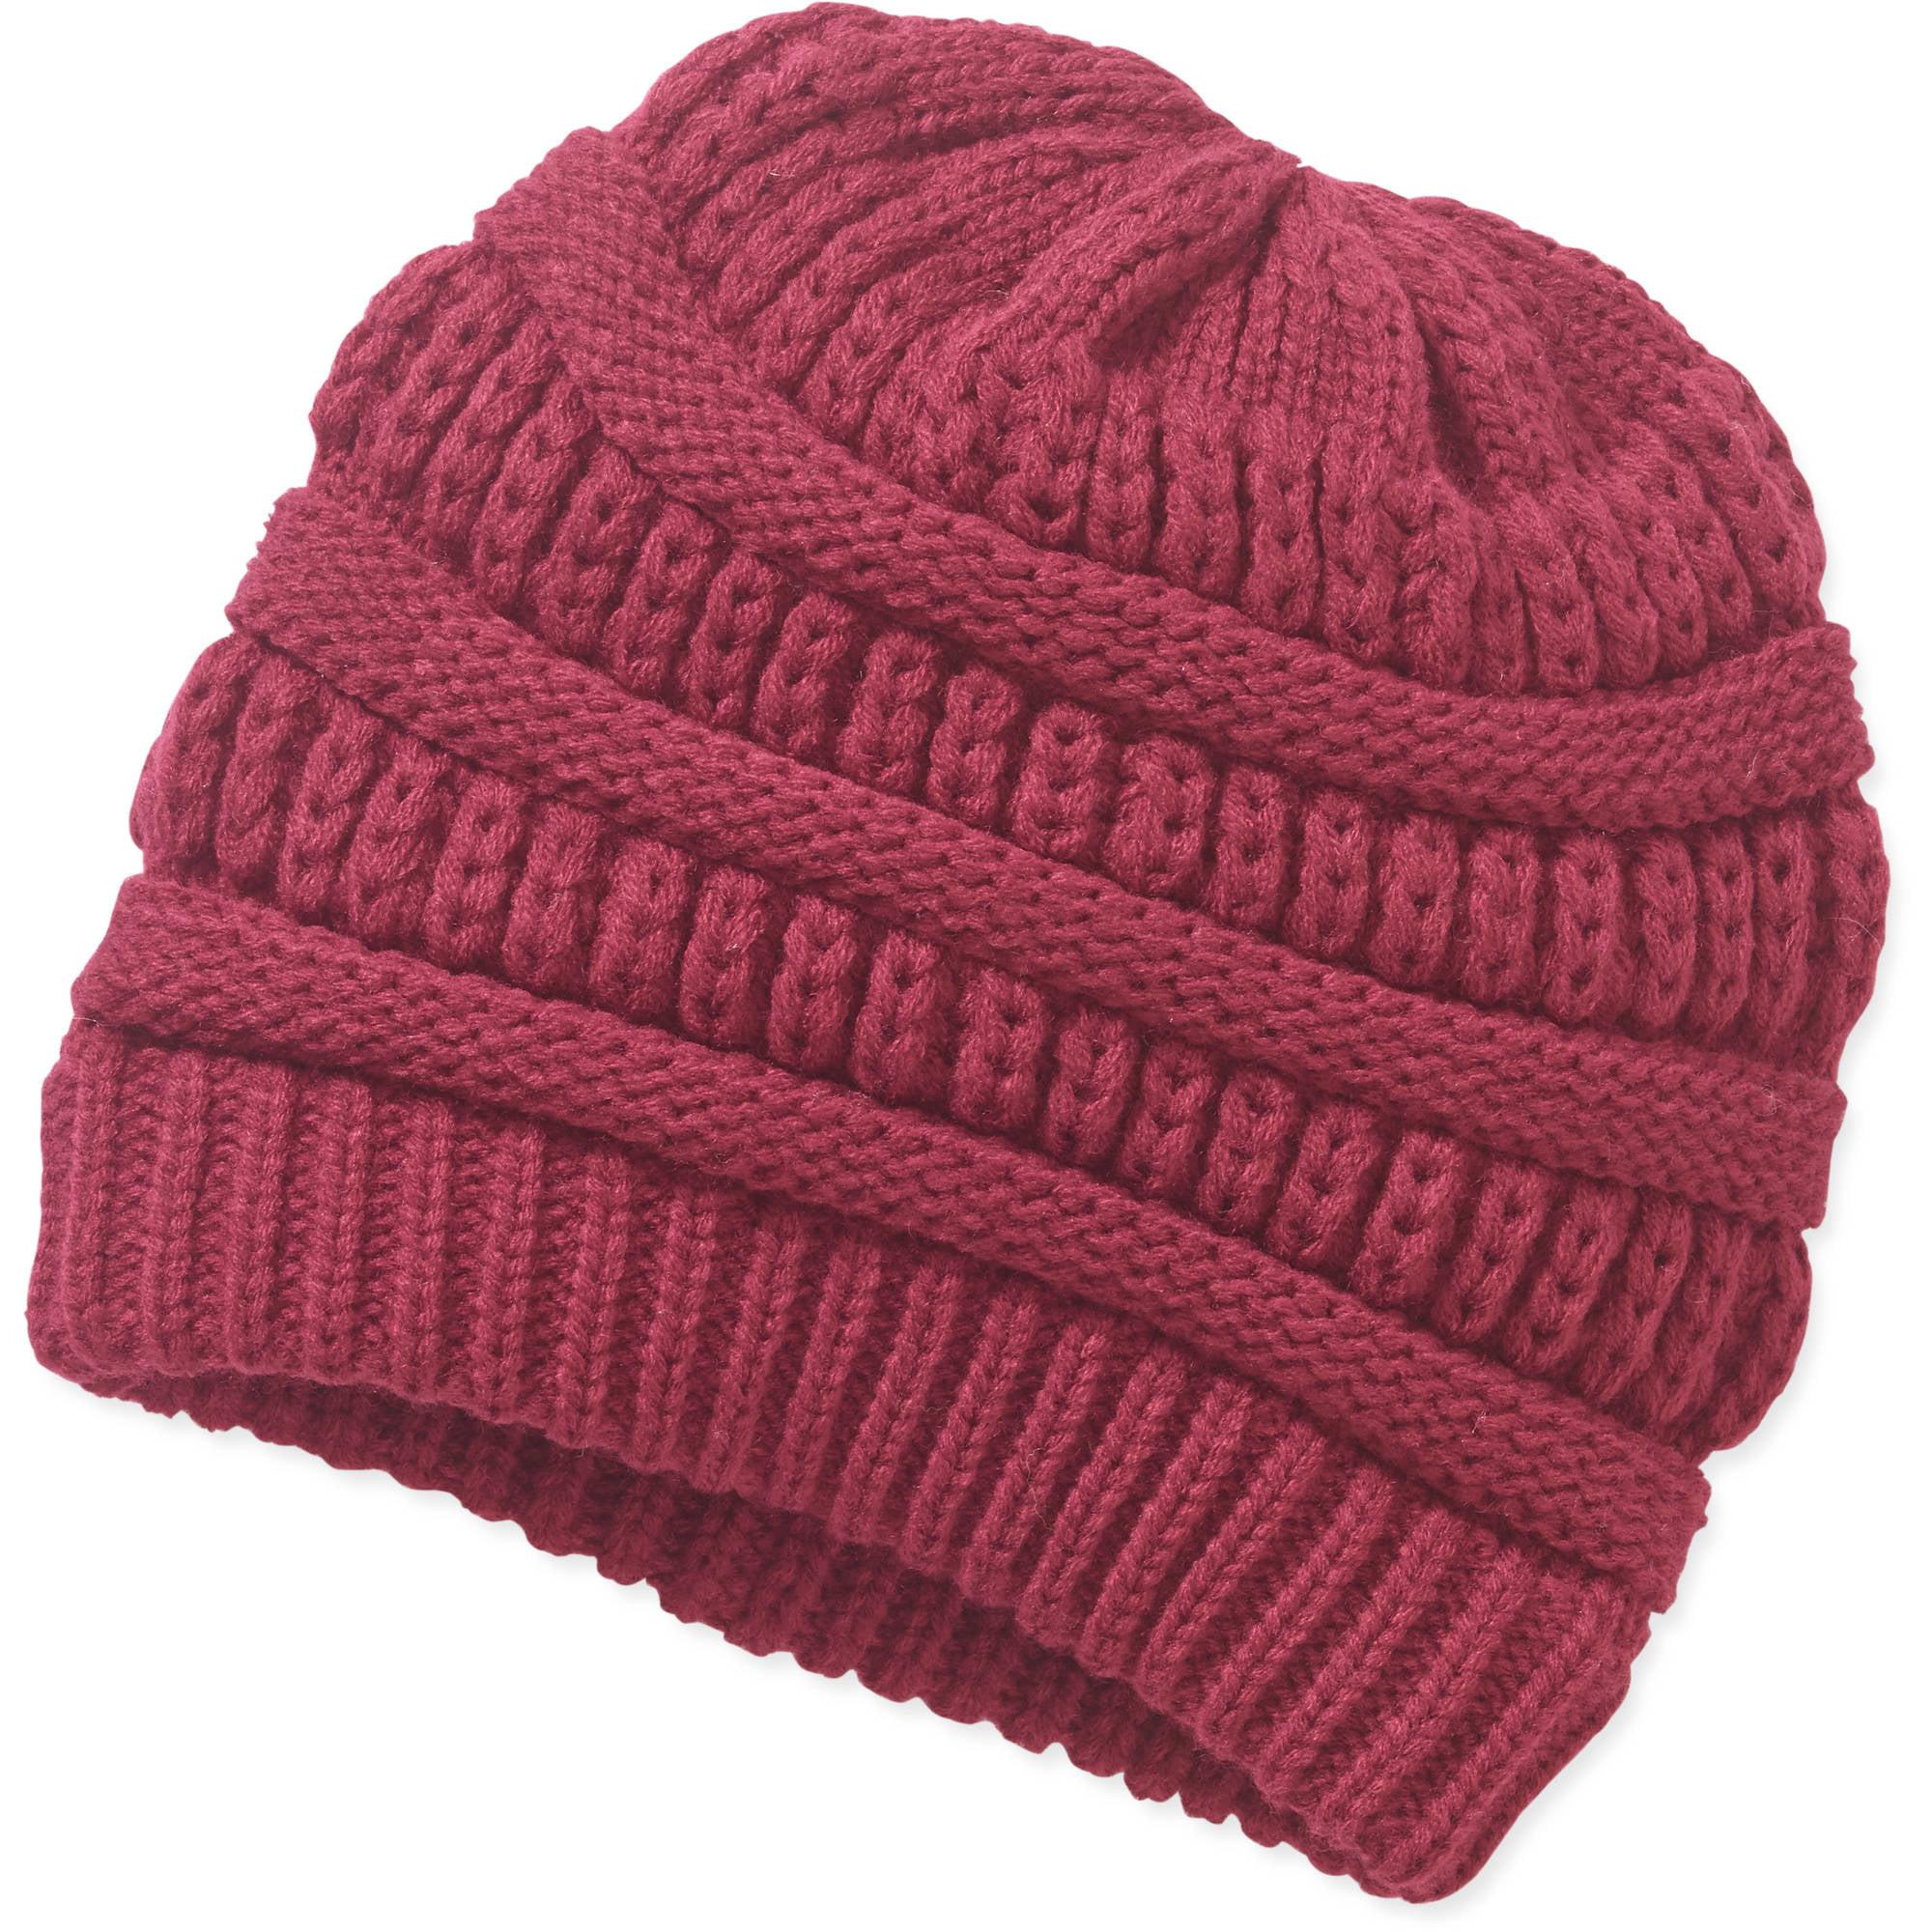 Cold Weather Textured Beannie Hat